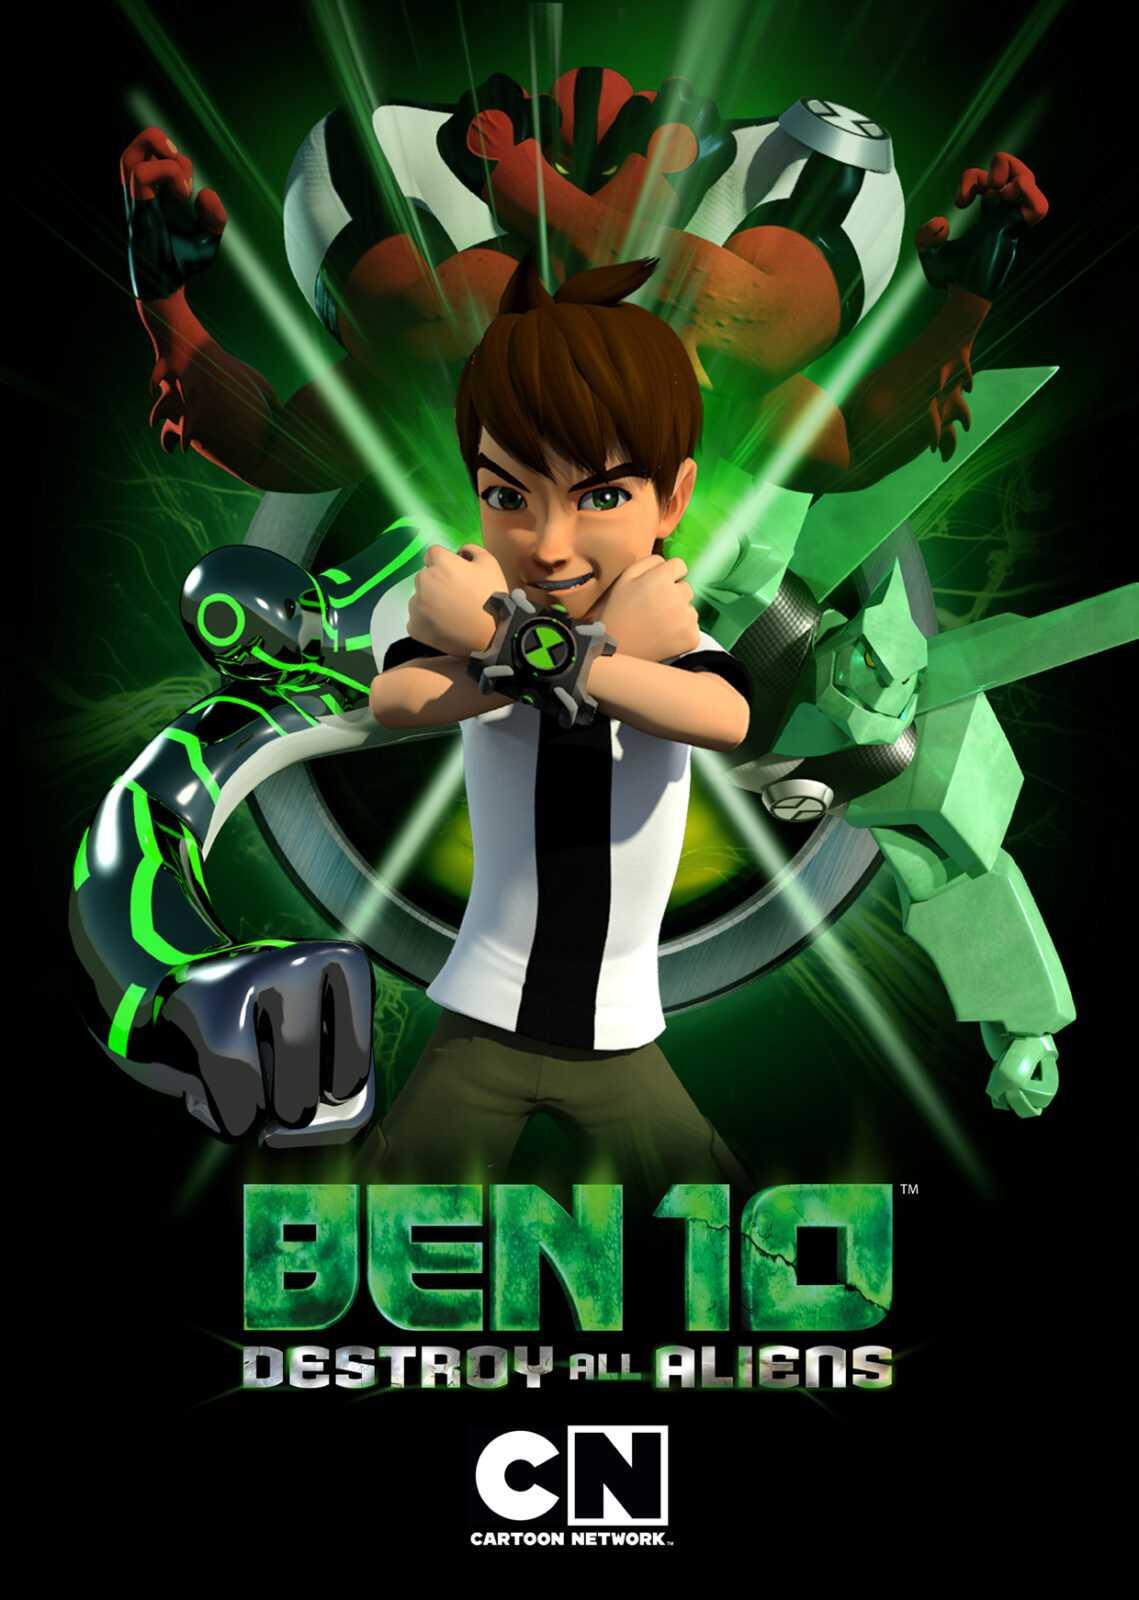 Ben 10 Destroy All Alien in esclusiva su Sky 3D e CN | Digitale terrestre: Dtti.it